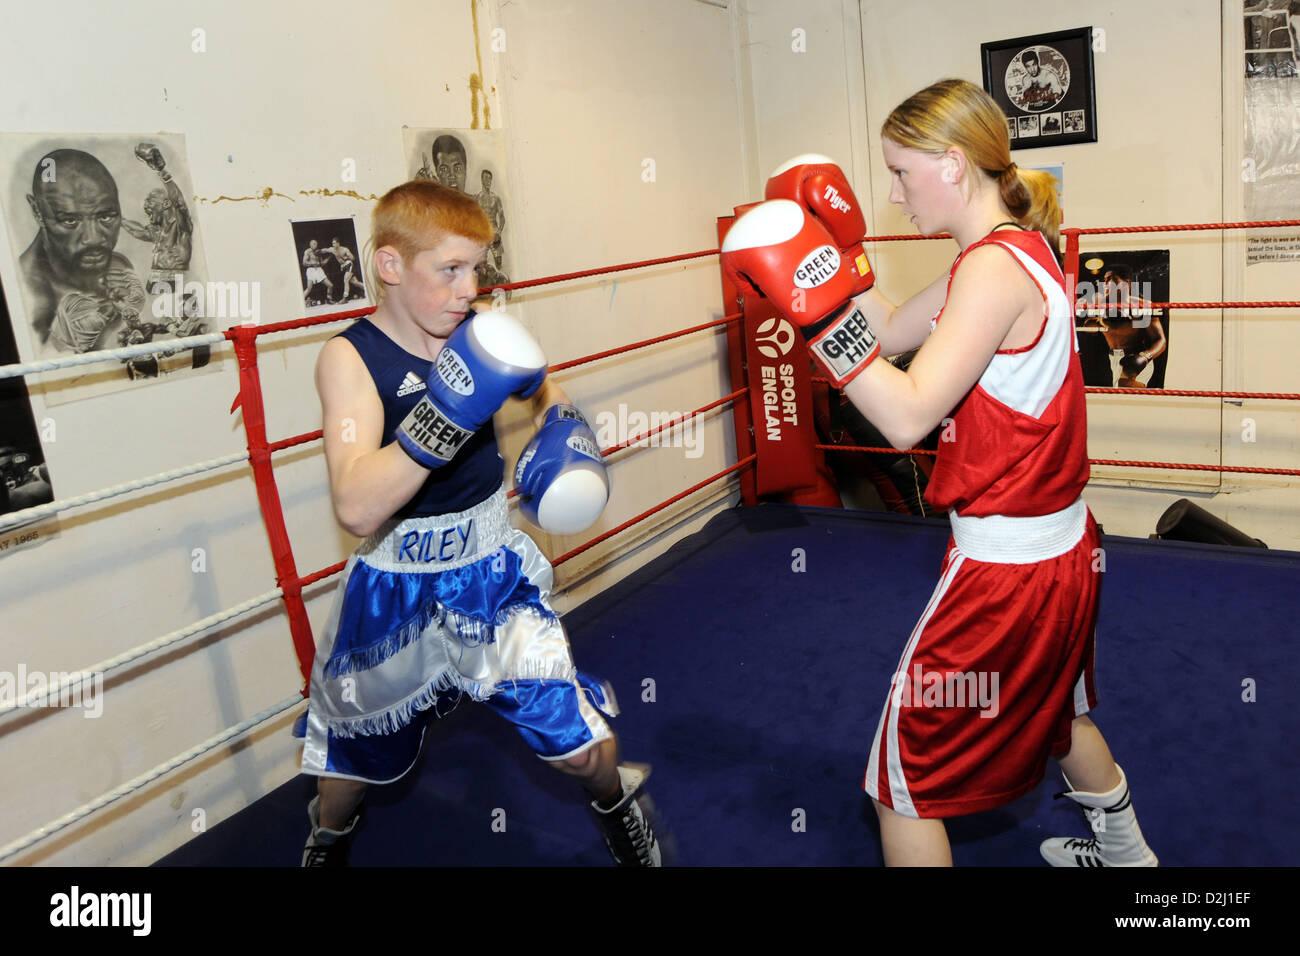 Cuadro de chico y chica en un club de boxeo de South Yorkshire UK Imagen De Stock